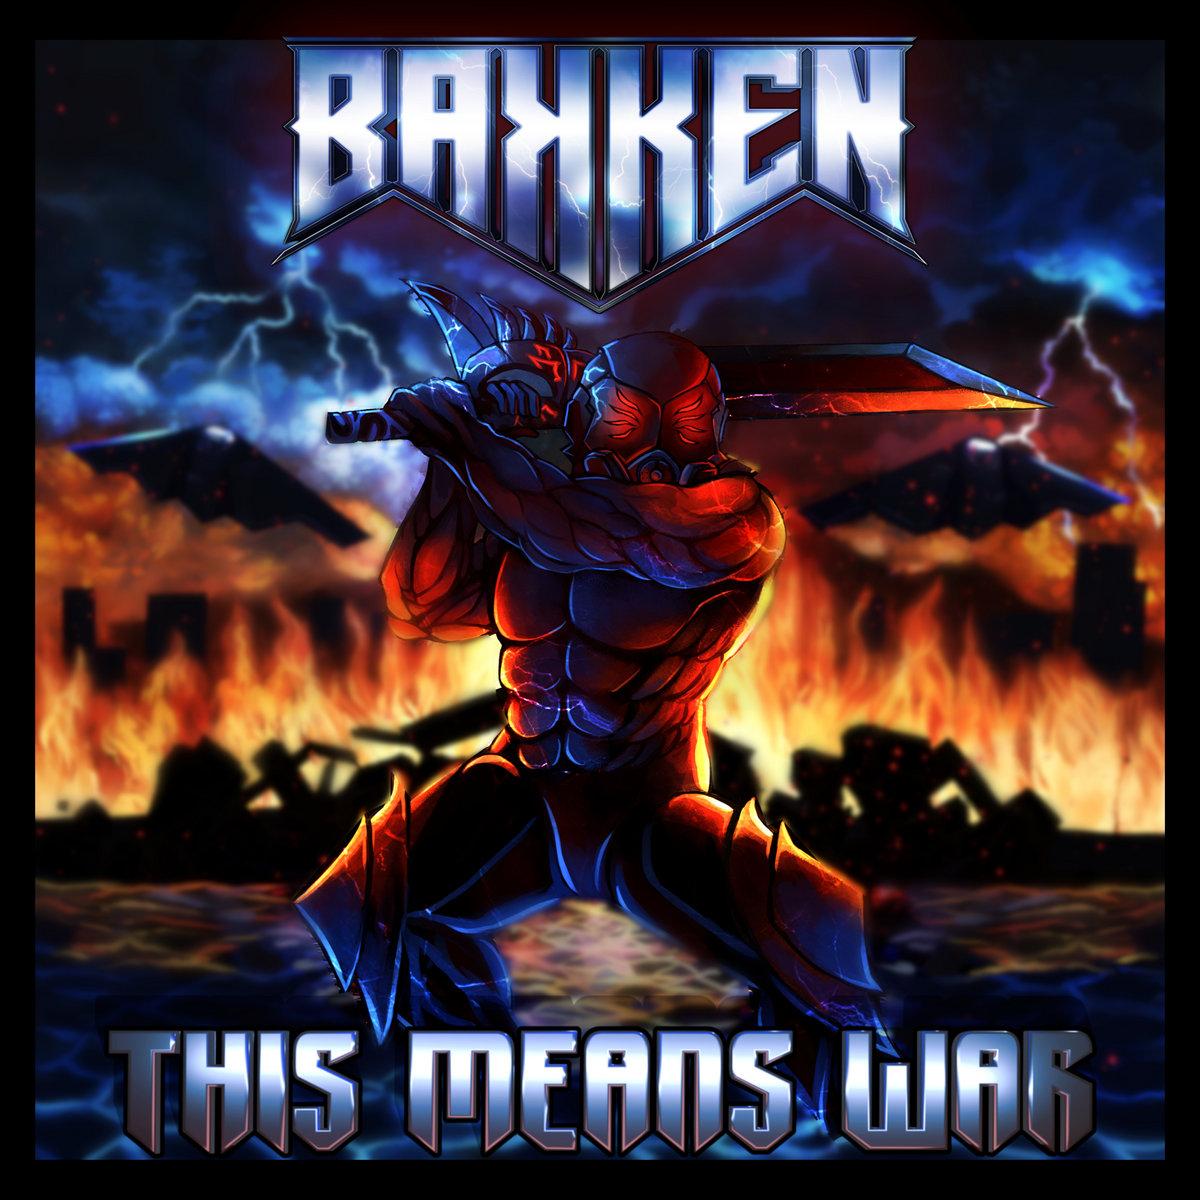 BAKKEN - This Means War - album cover